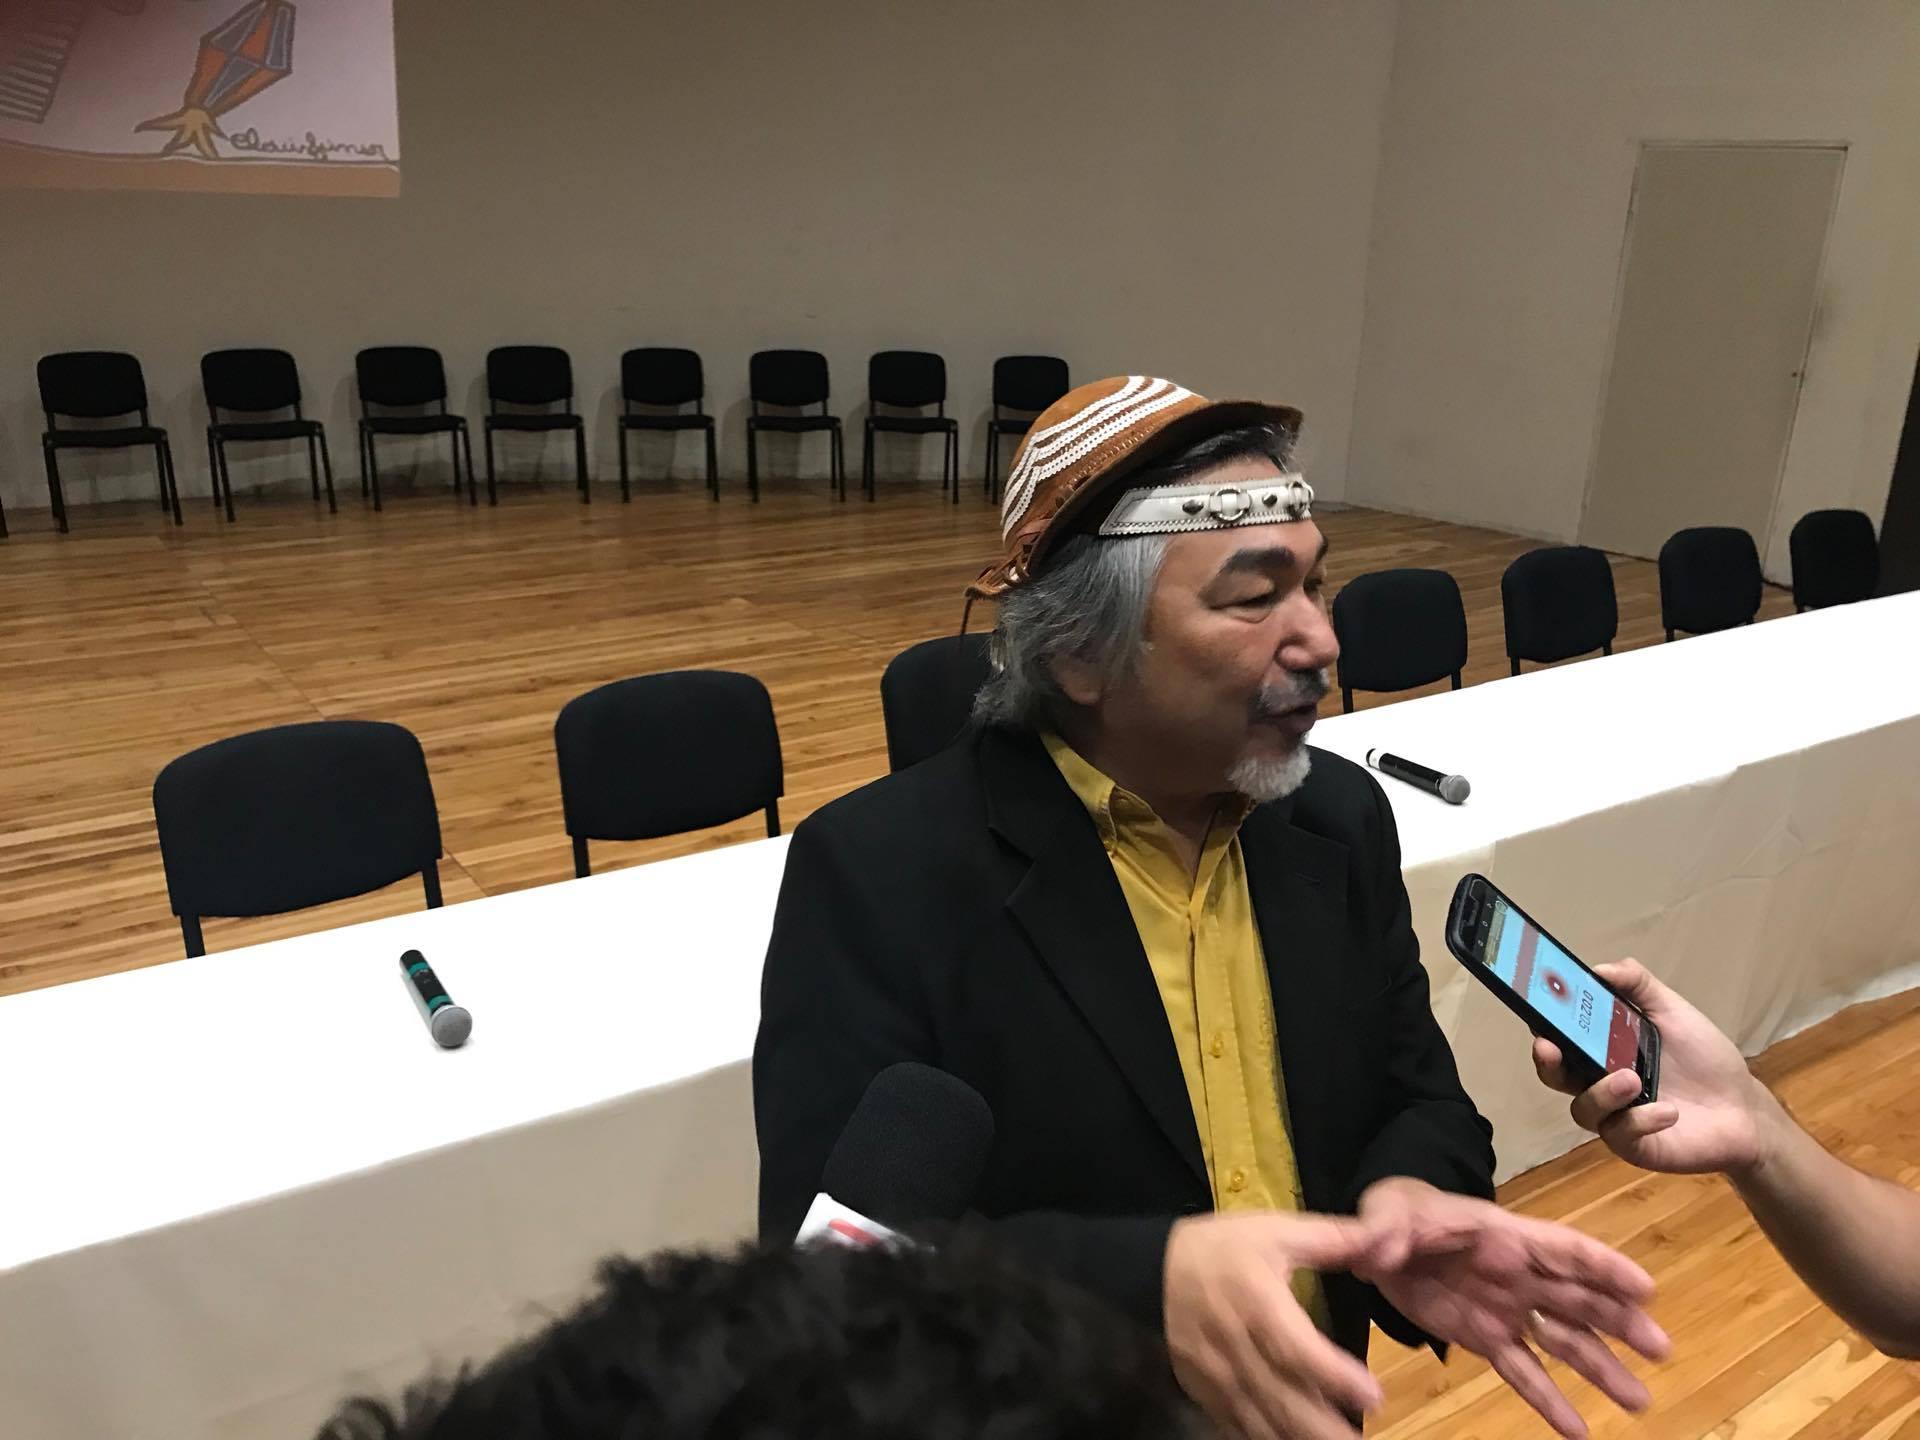 23846866 1632560870133406 1441333308 o - VEJA O VÍDEO: Santanna destaca a importância de reconhecer o forró e o baião como cultura 'genuinamente' brasileira